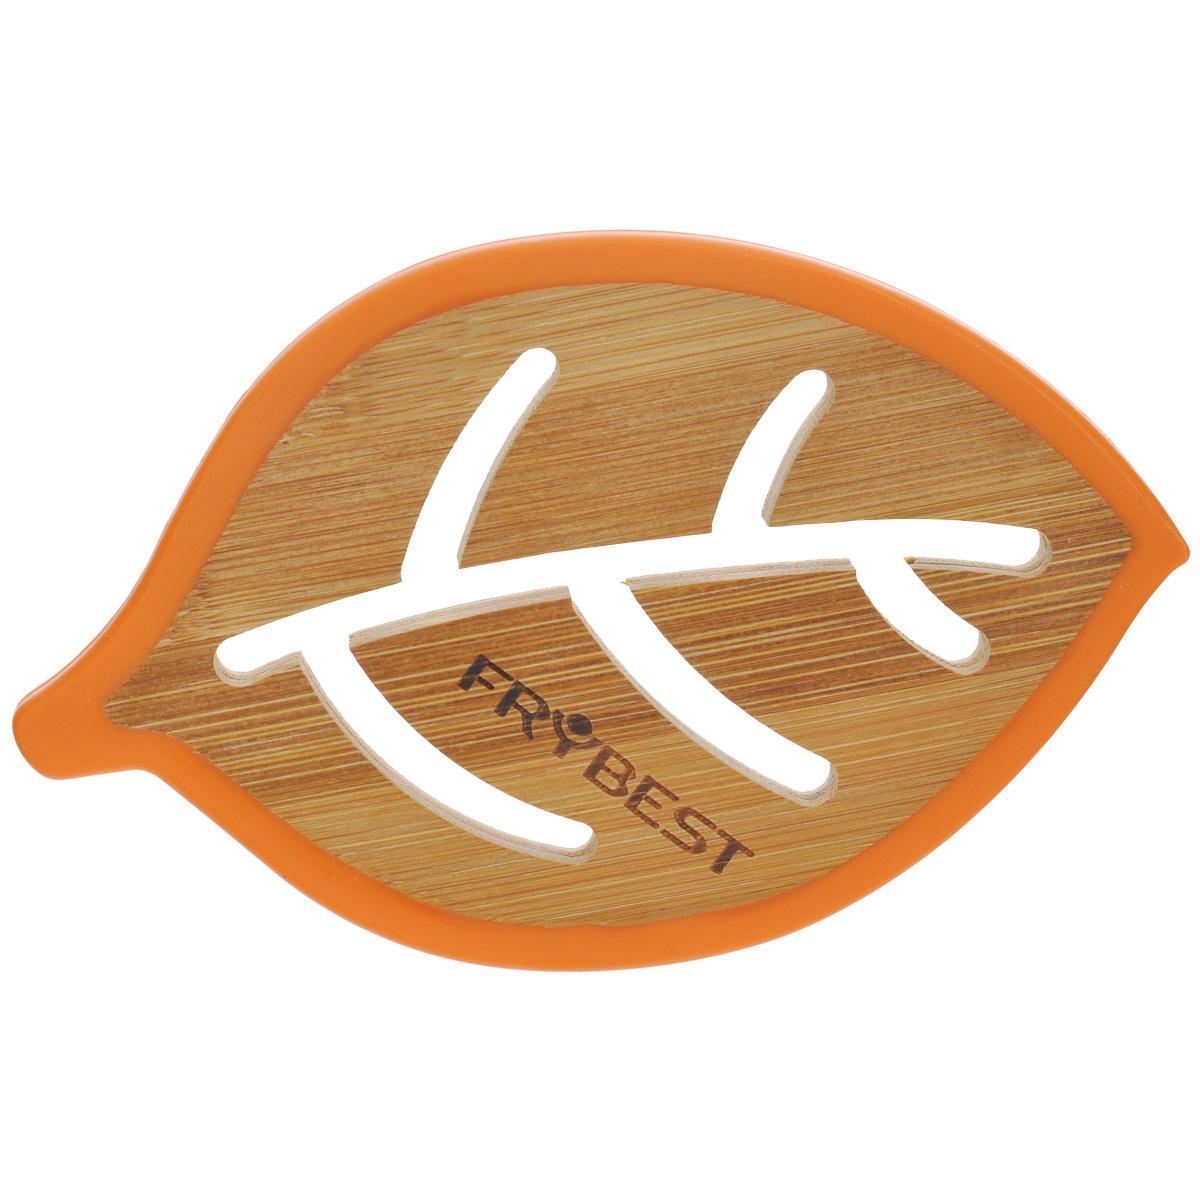 Подставка под горячее Frybest Листок, бамбуковая, цвет: оранжевый, 14 см х 9 смCO08715B4O1Подставка под горячее Frybest Листок выполнена из высококачественной древесины бамбука в виде листочка с декоративной перфорацией. Подставка способна выдержать высокие температуры, а благодаря силиконовой цветной окантовке не скользит по поверхности стола. Каждая хозяйка знает, что подставка под горячее - это незаменимый и очень полезный аксессуар на каждой кухне. Ваш стол будет не только украшен яркой и оригинальной подставкой, но и сбережен от воздействия высоких температур.